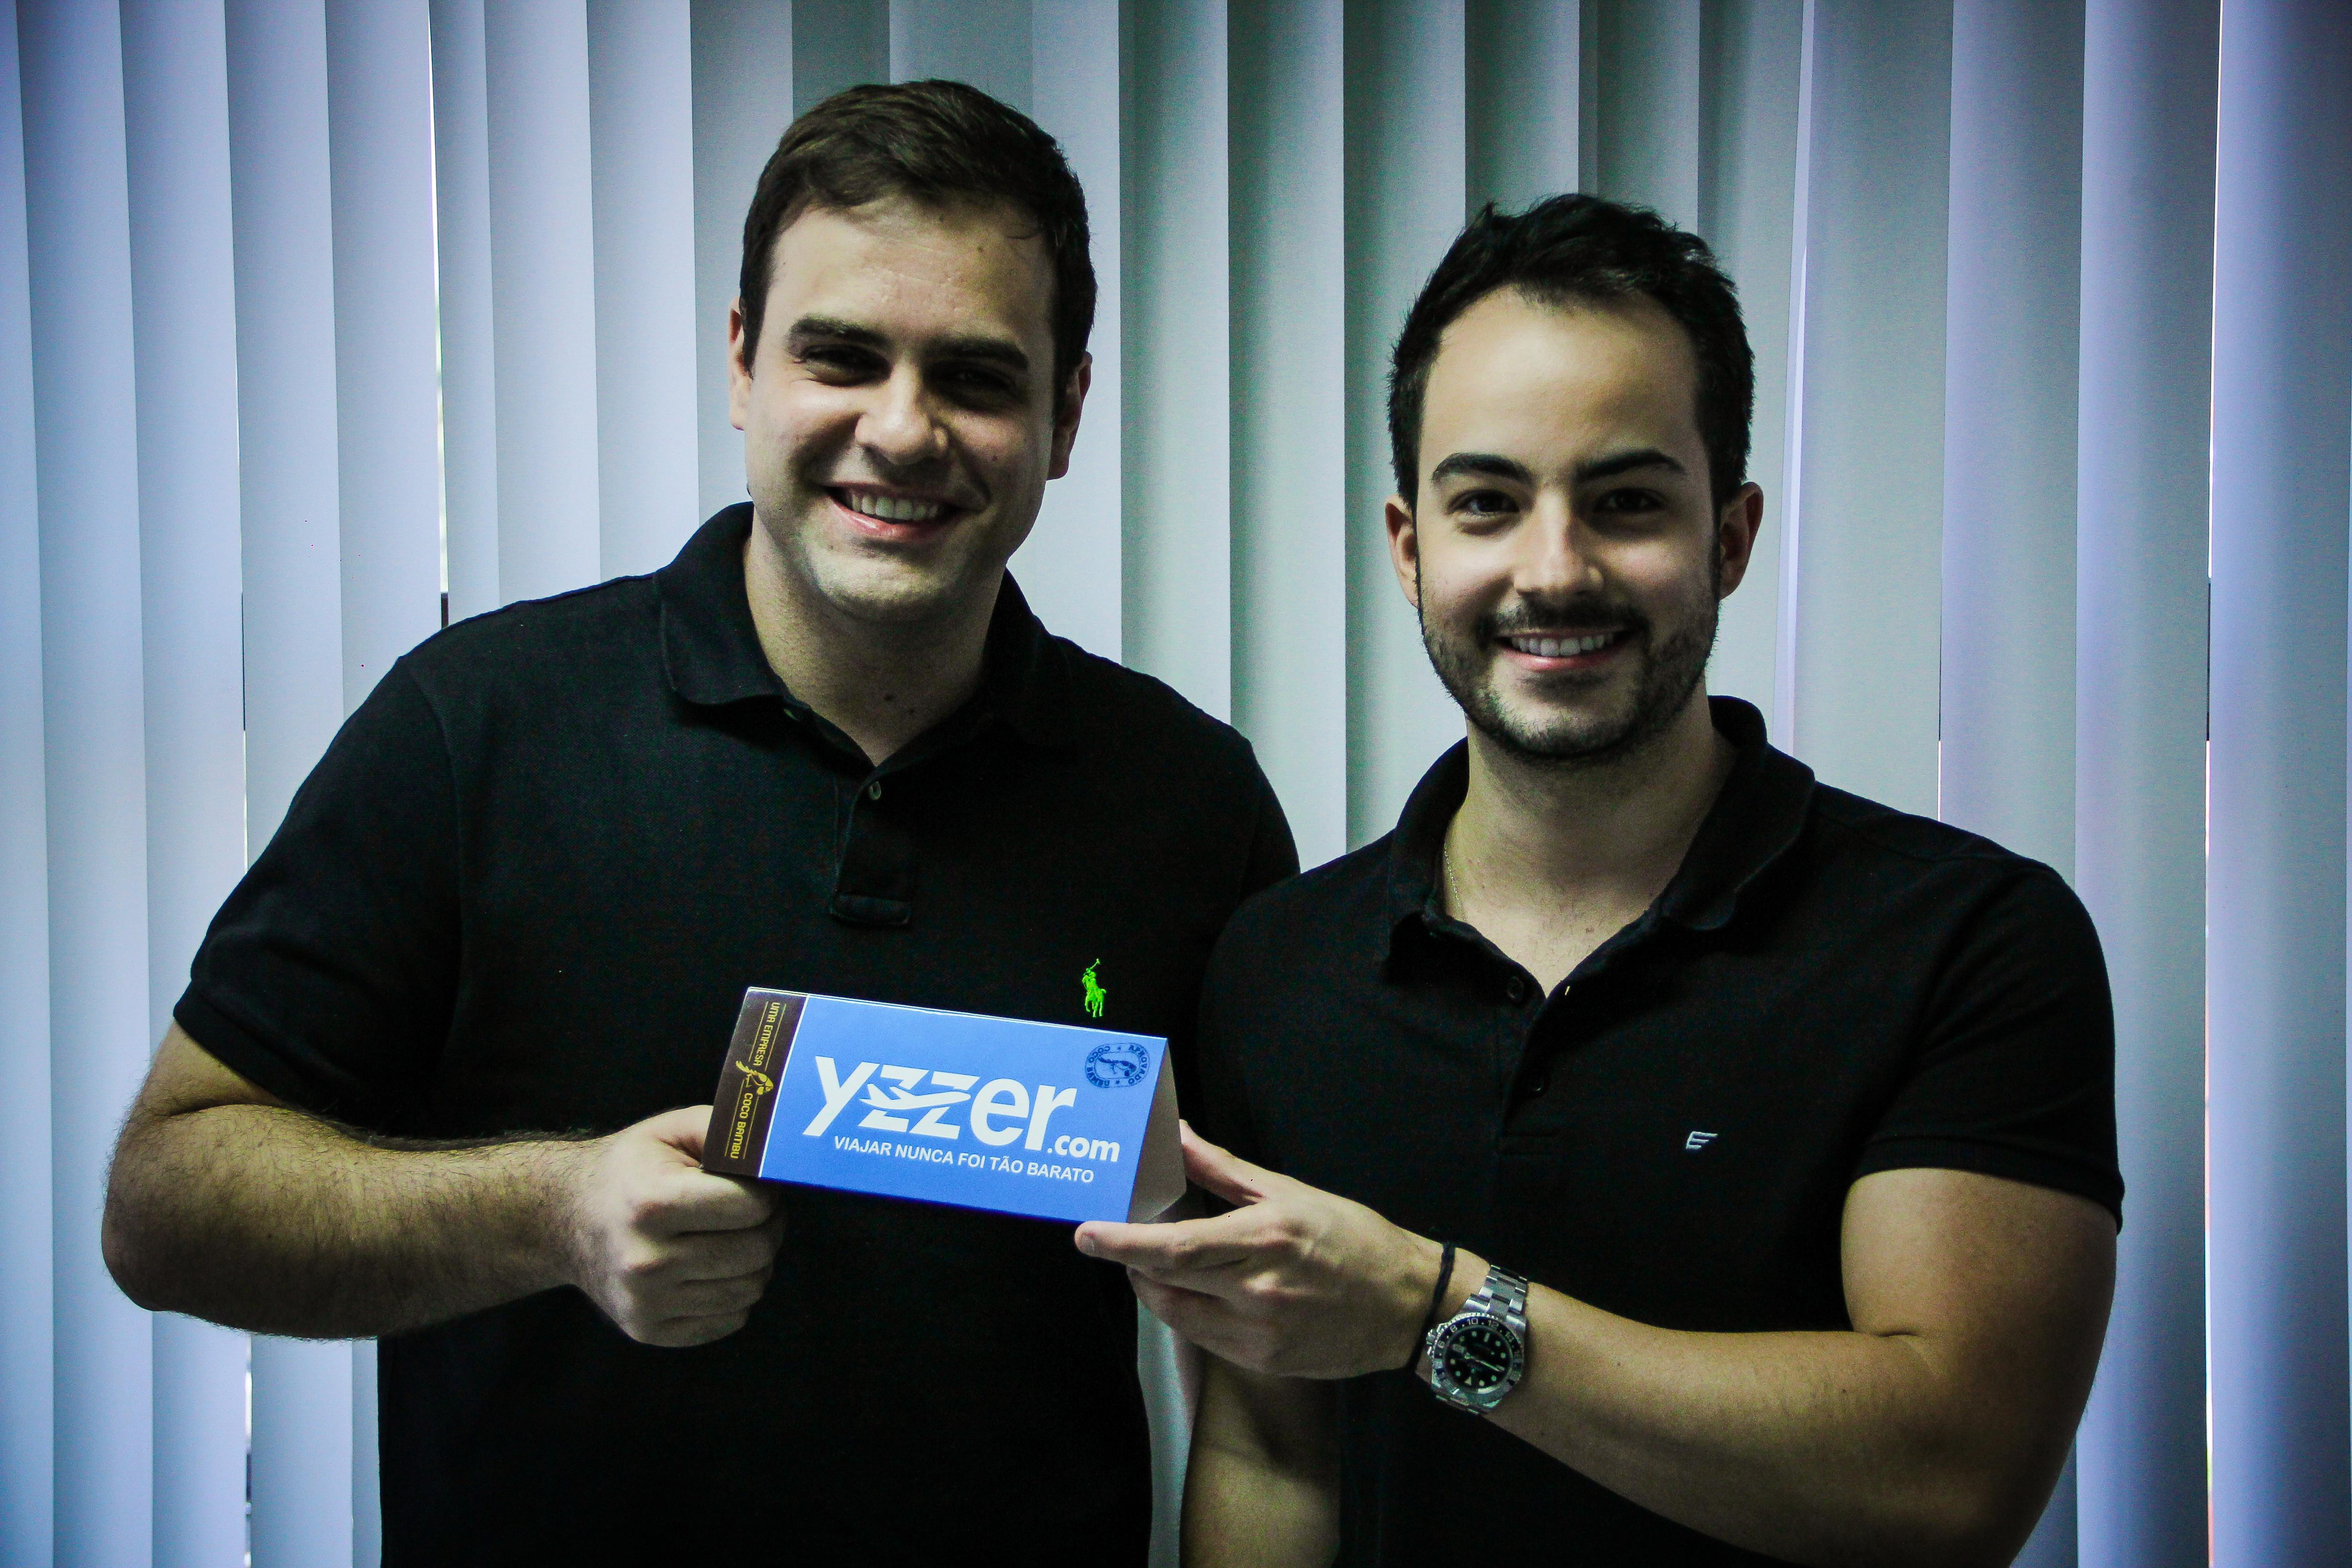 Yzzer atingiu a marca de R$ 1 milhão em apenas três meses (FOTO: Fernanda Moura)